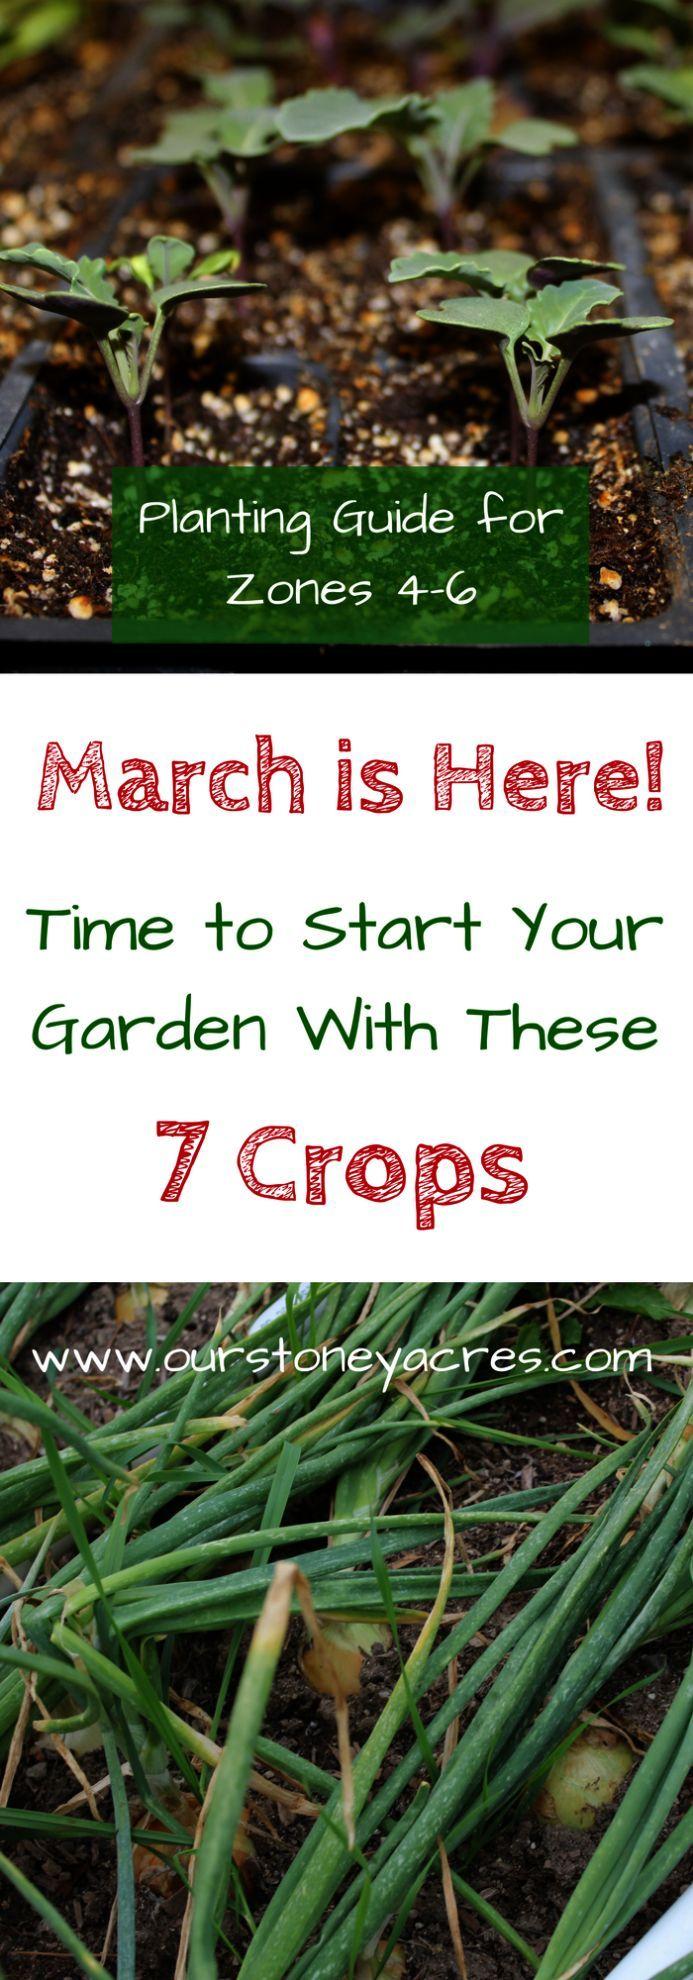 Anfanger Bohnen Etwas Fur Gardening Gardening For Beginners Uk Gartenarbeit Gartentipps Grune Hat Gartentipps Gartenarbeit Fur Anfanger Gartenarten